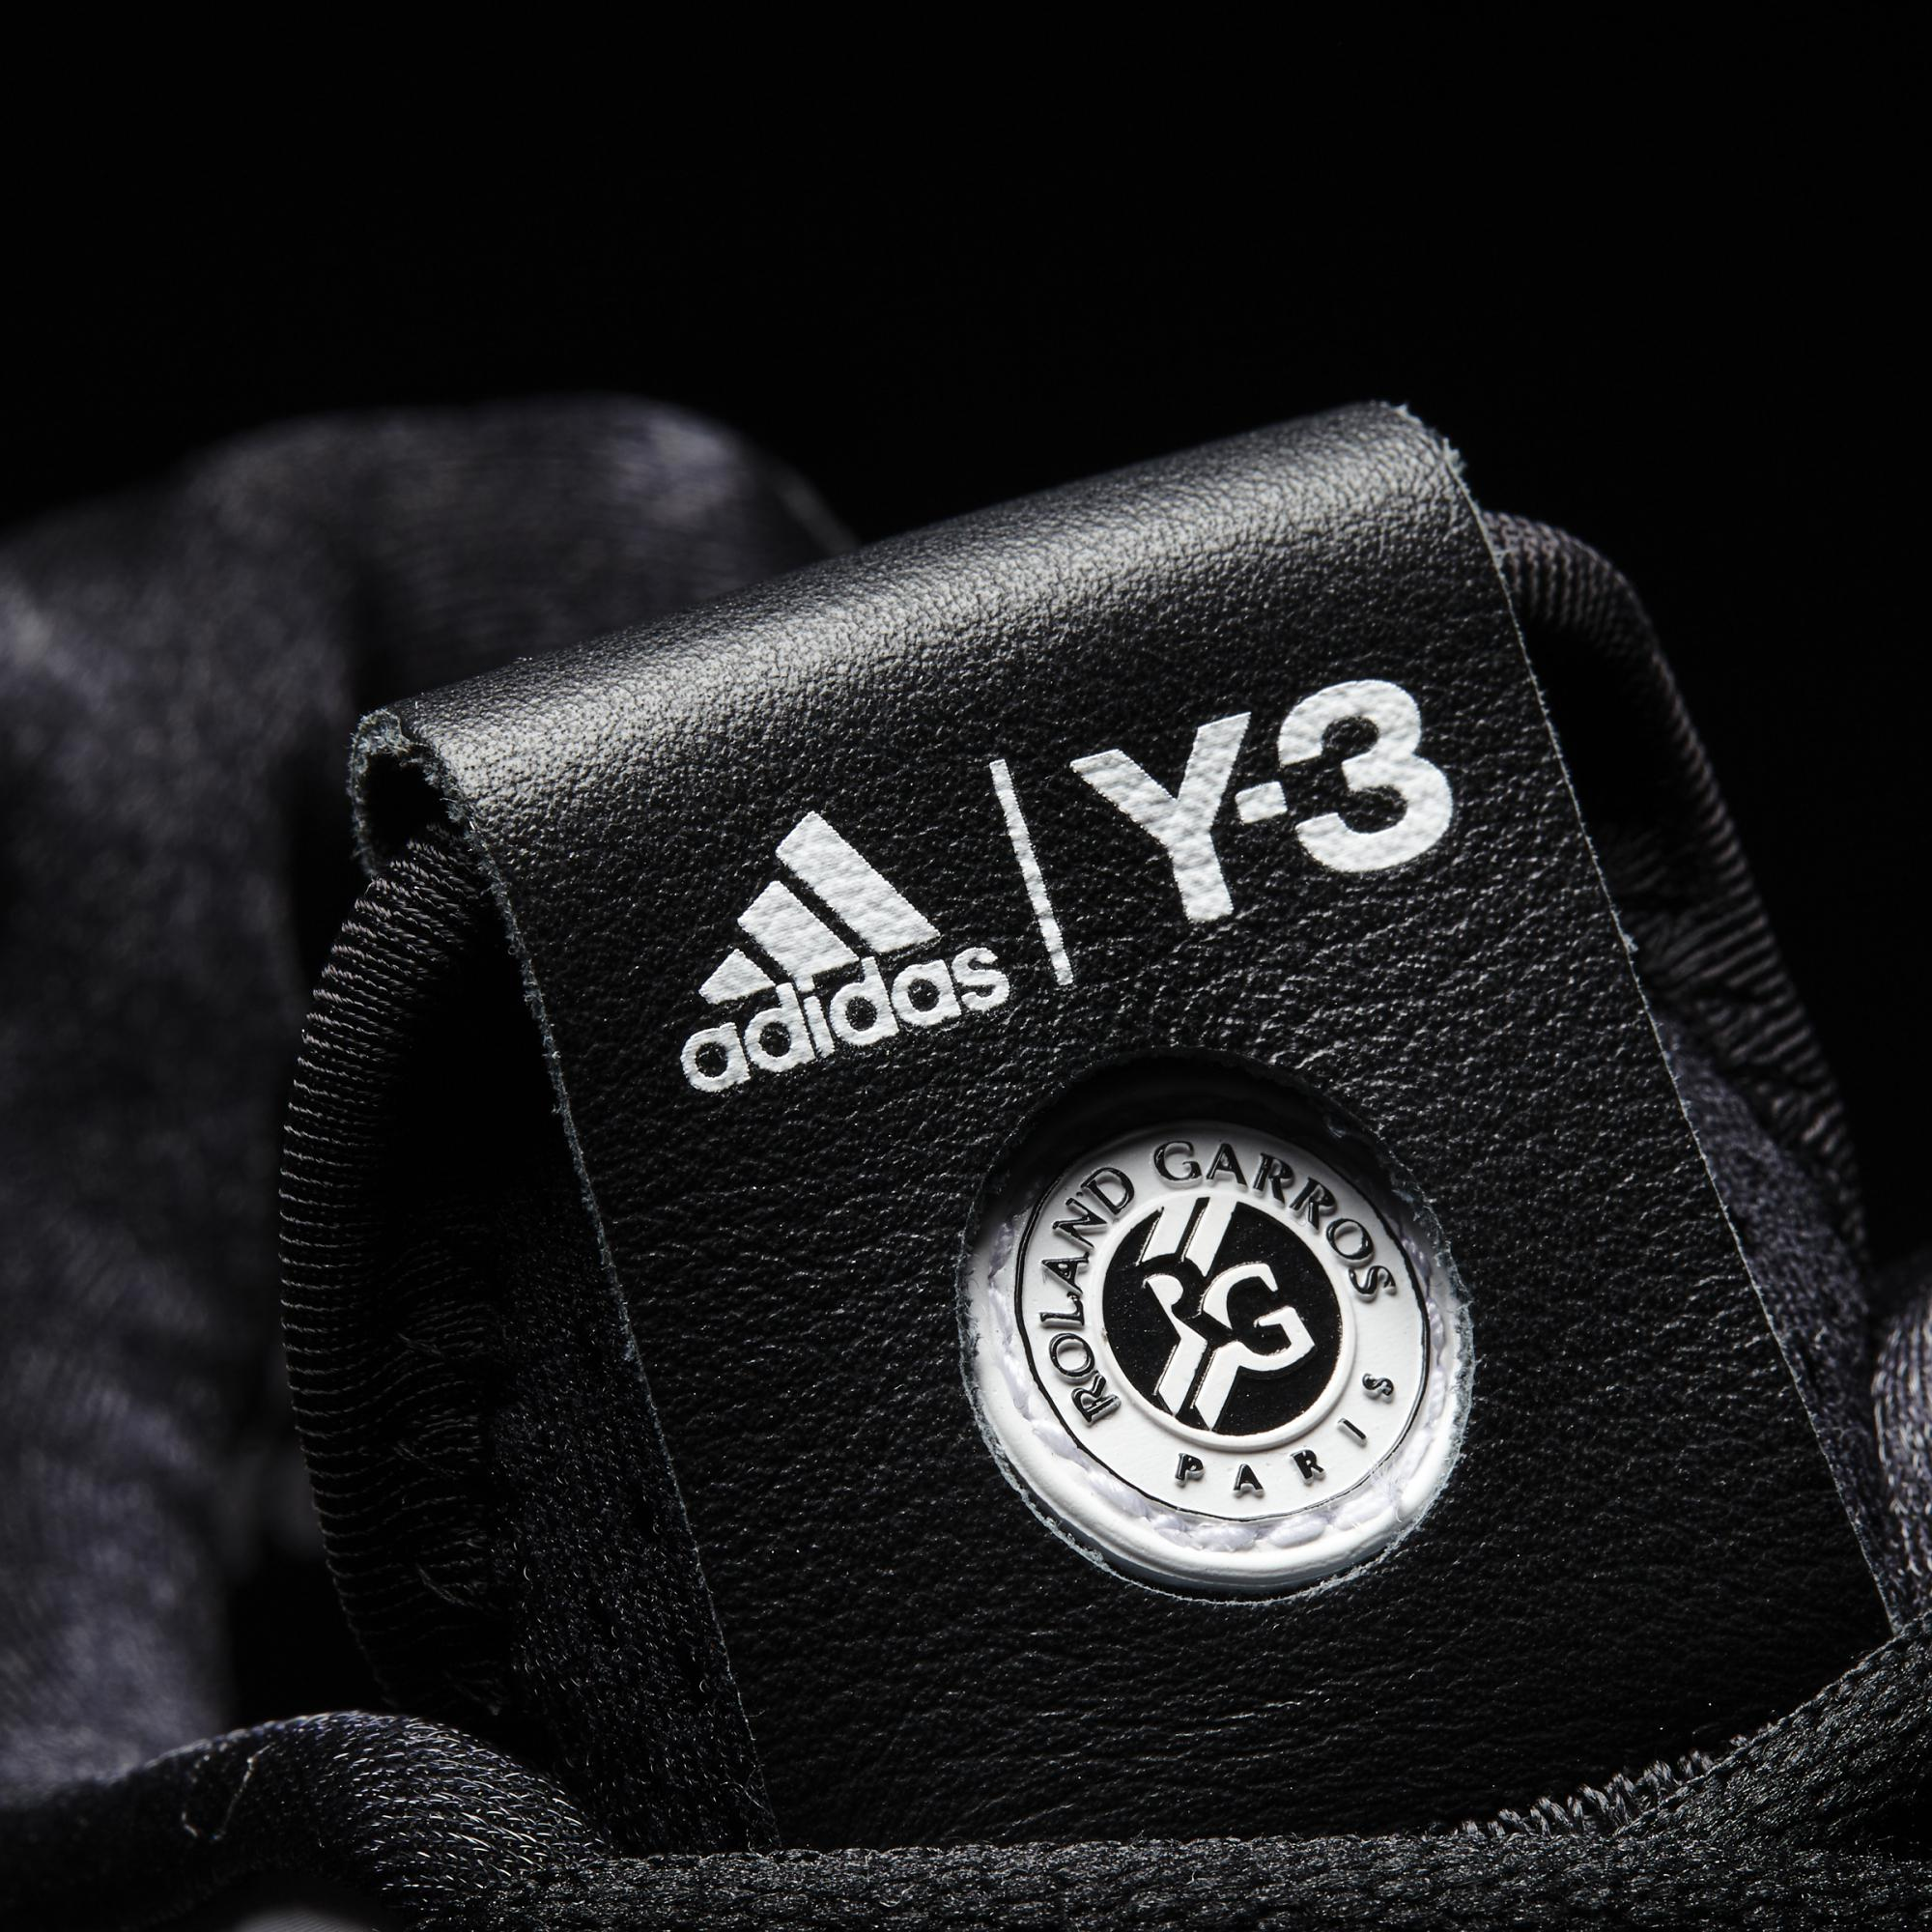 3680ece7c Adidas Mens Adizero Y-3 2016 Tennis Shoes - Black White - Tennisnuts.com